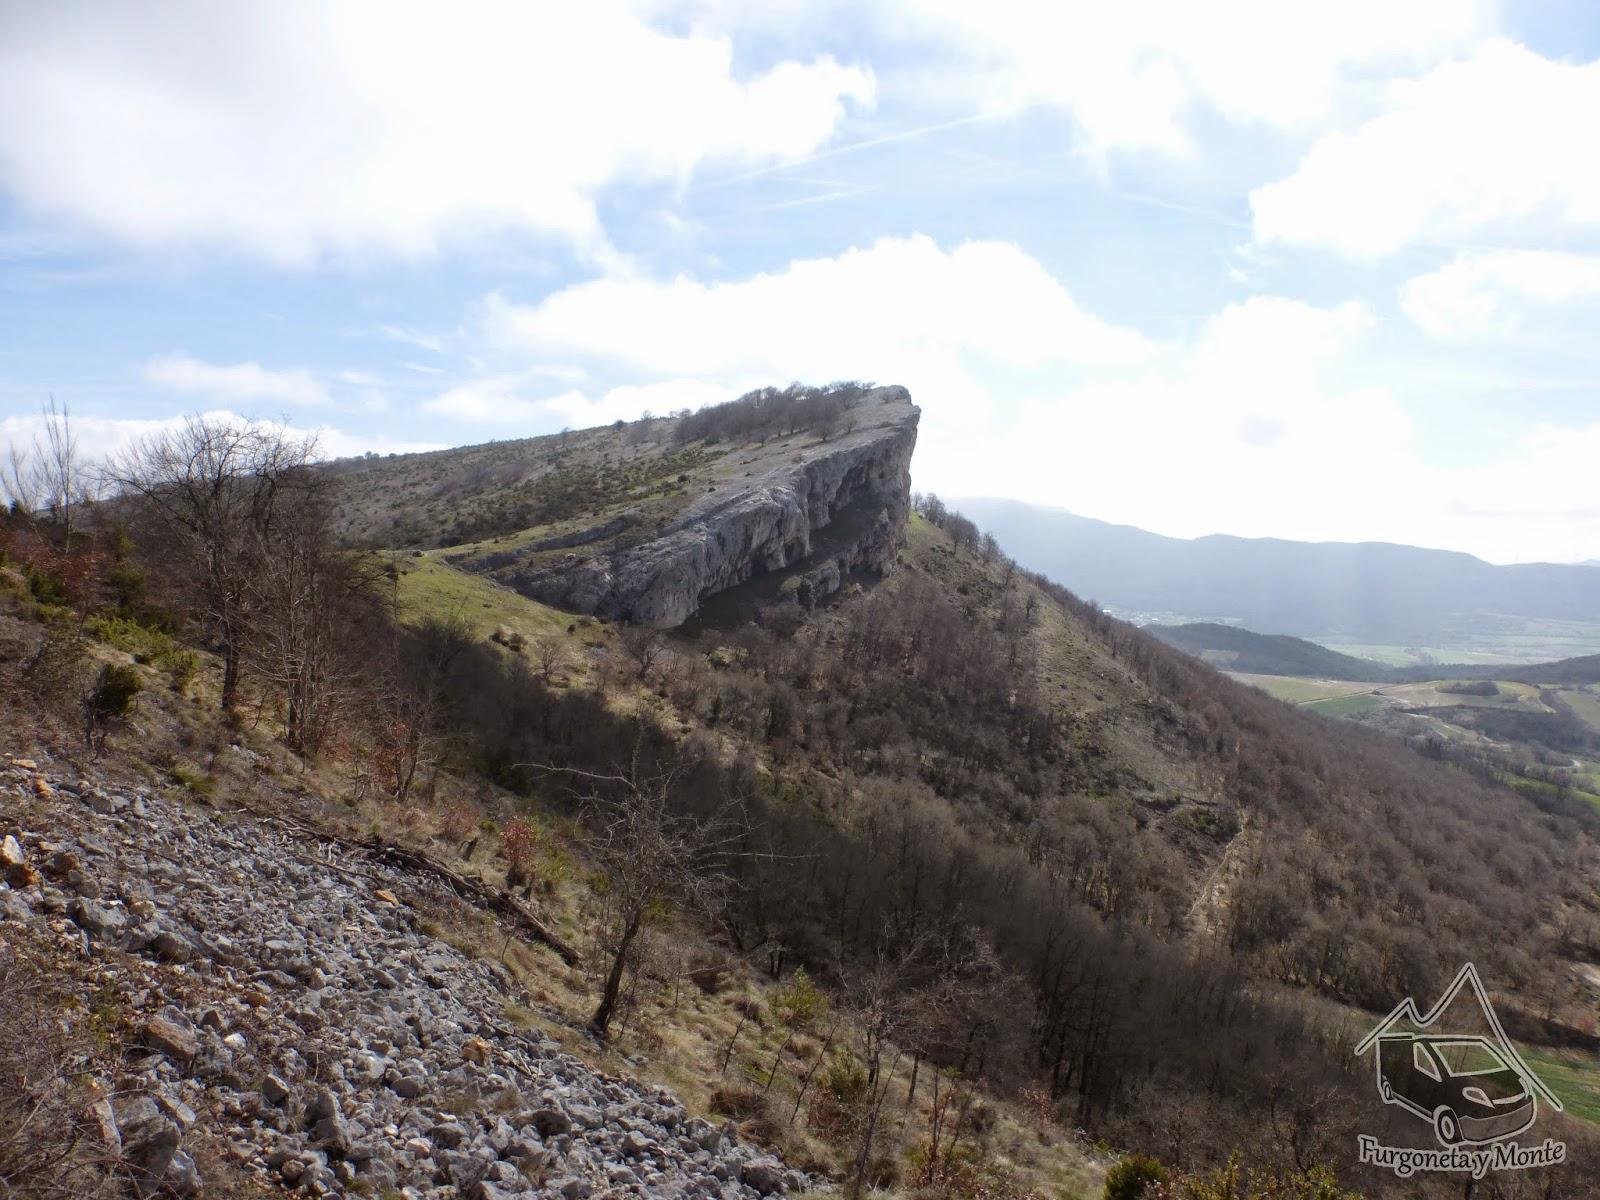 La Muela San Roman